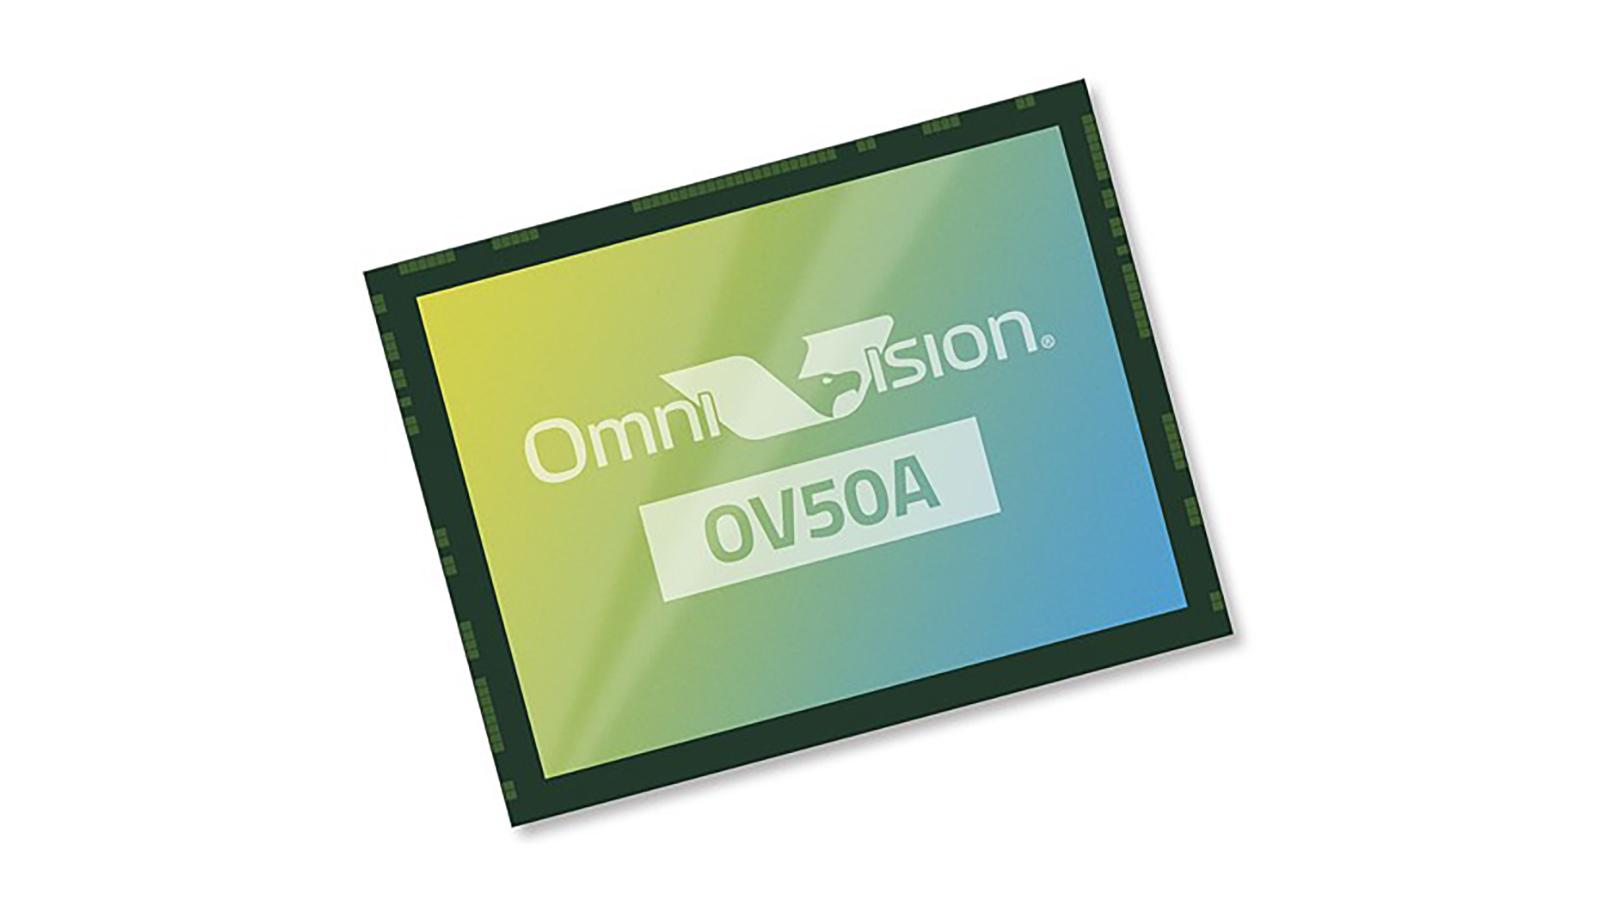 OmniVision 50MP OV50A